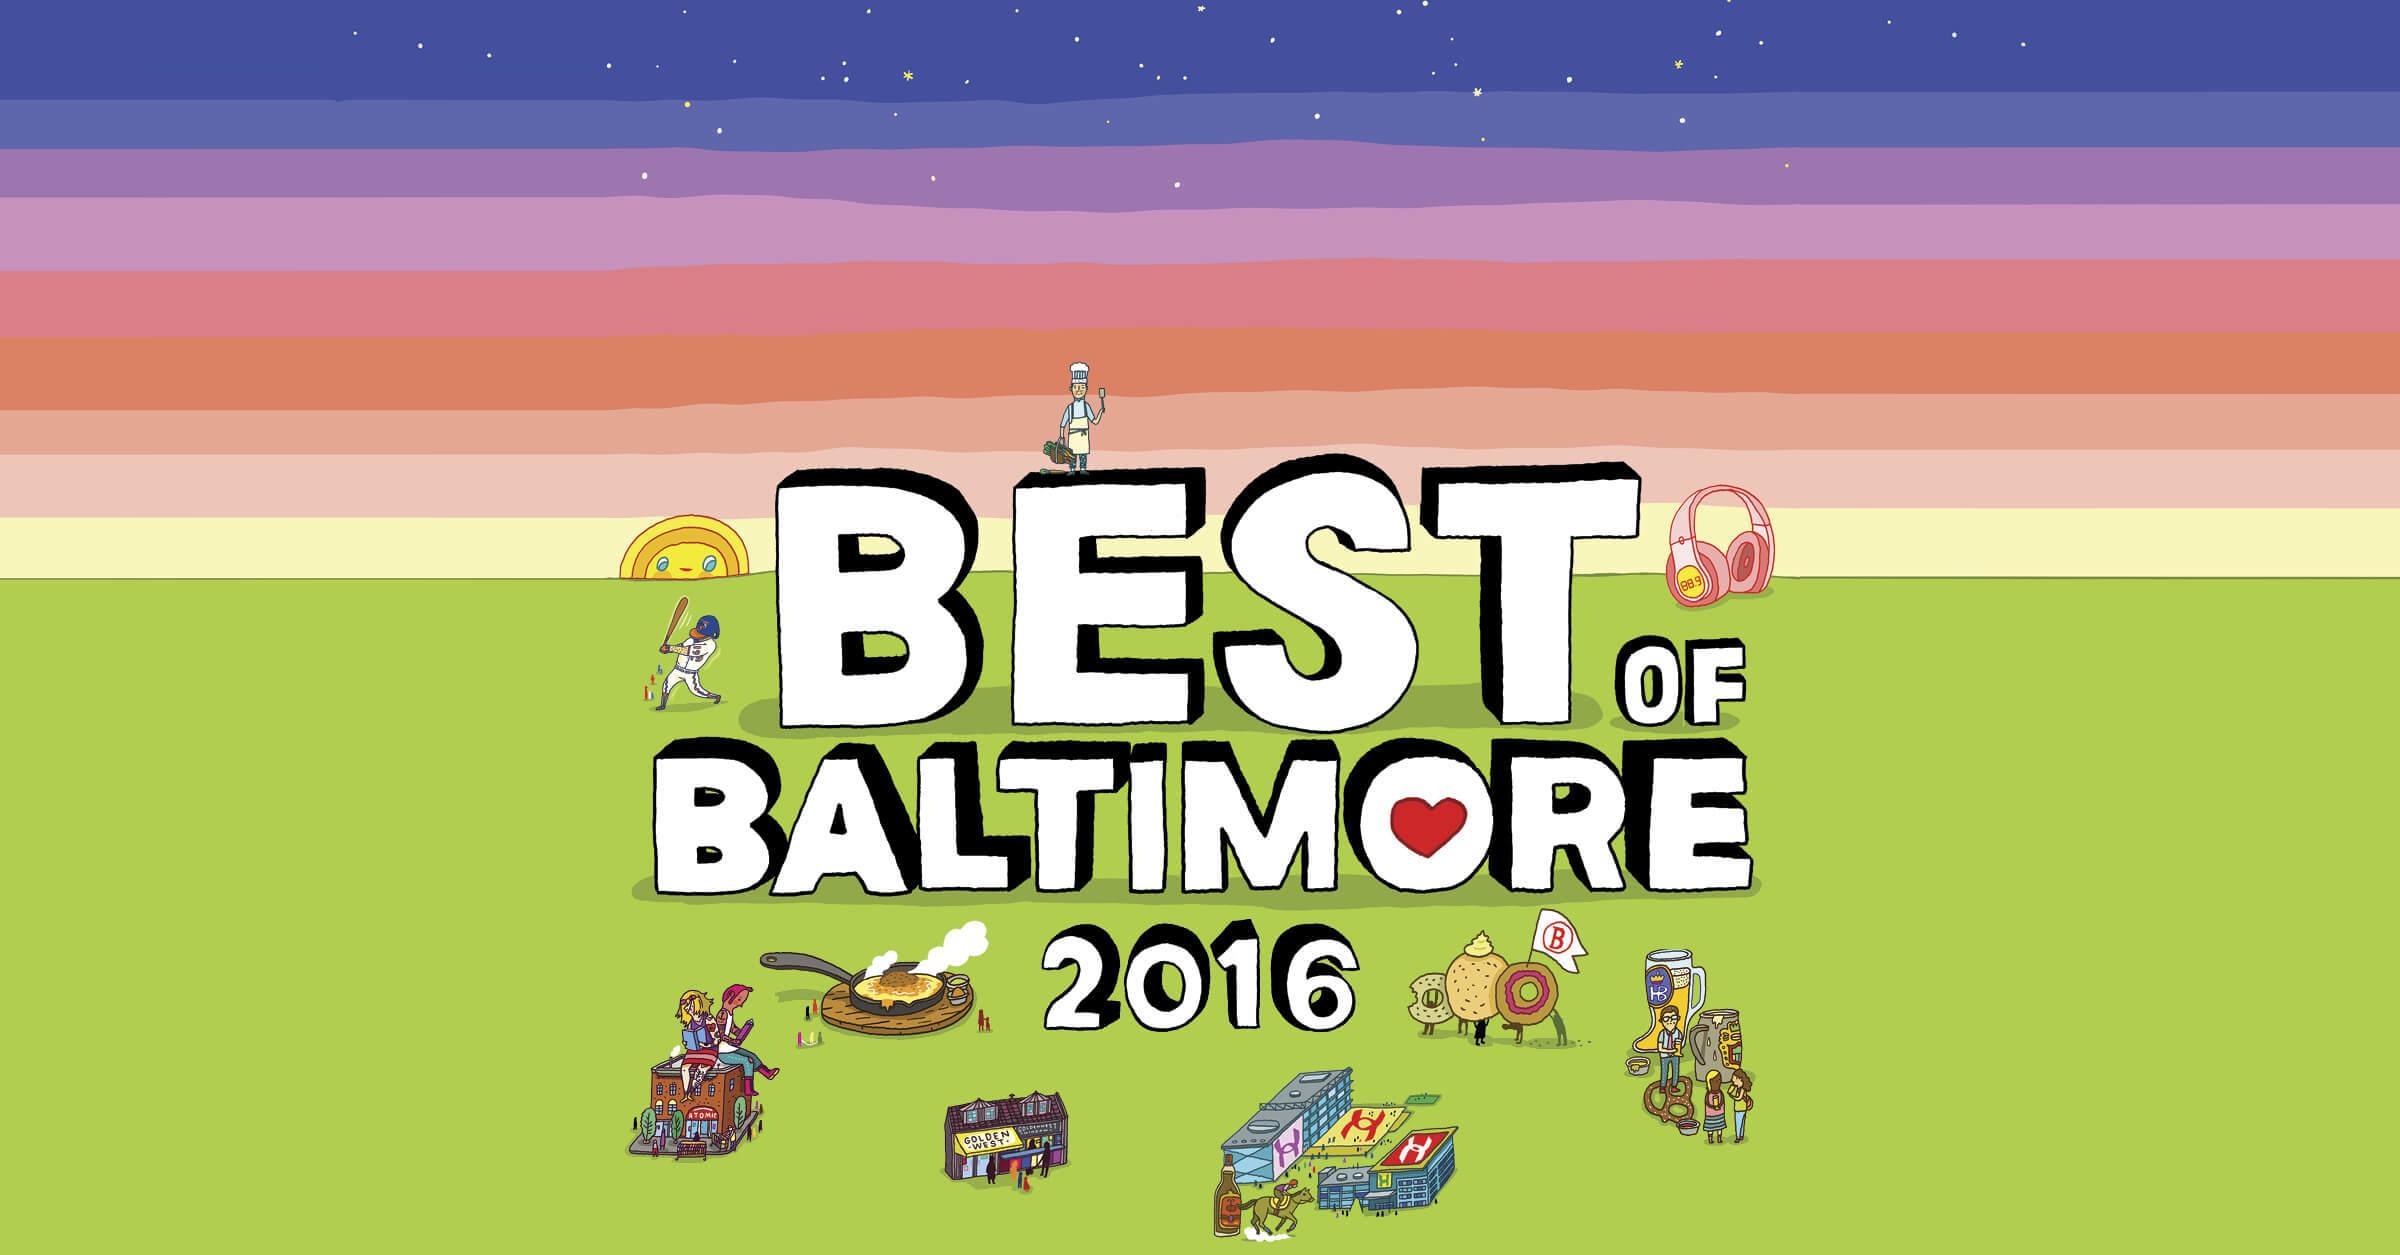 Best of Baltimore 2016 - Baltimore Magazine (8/22/16)